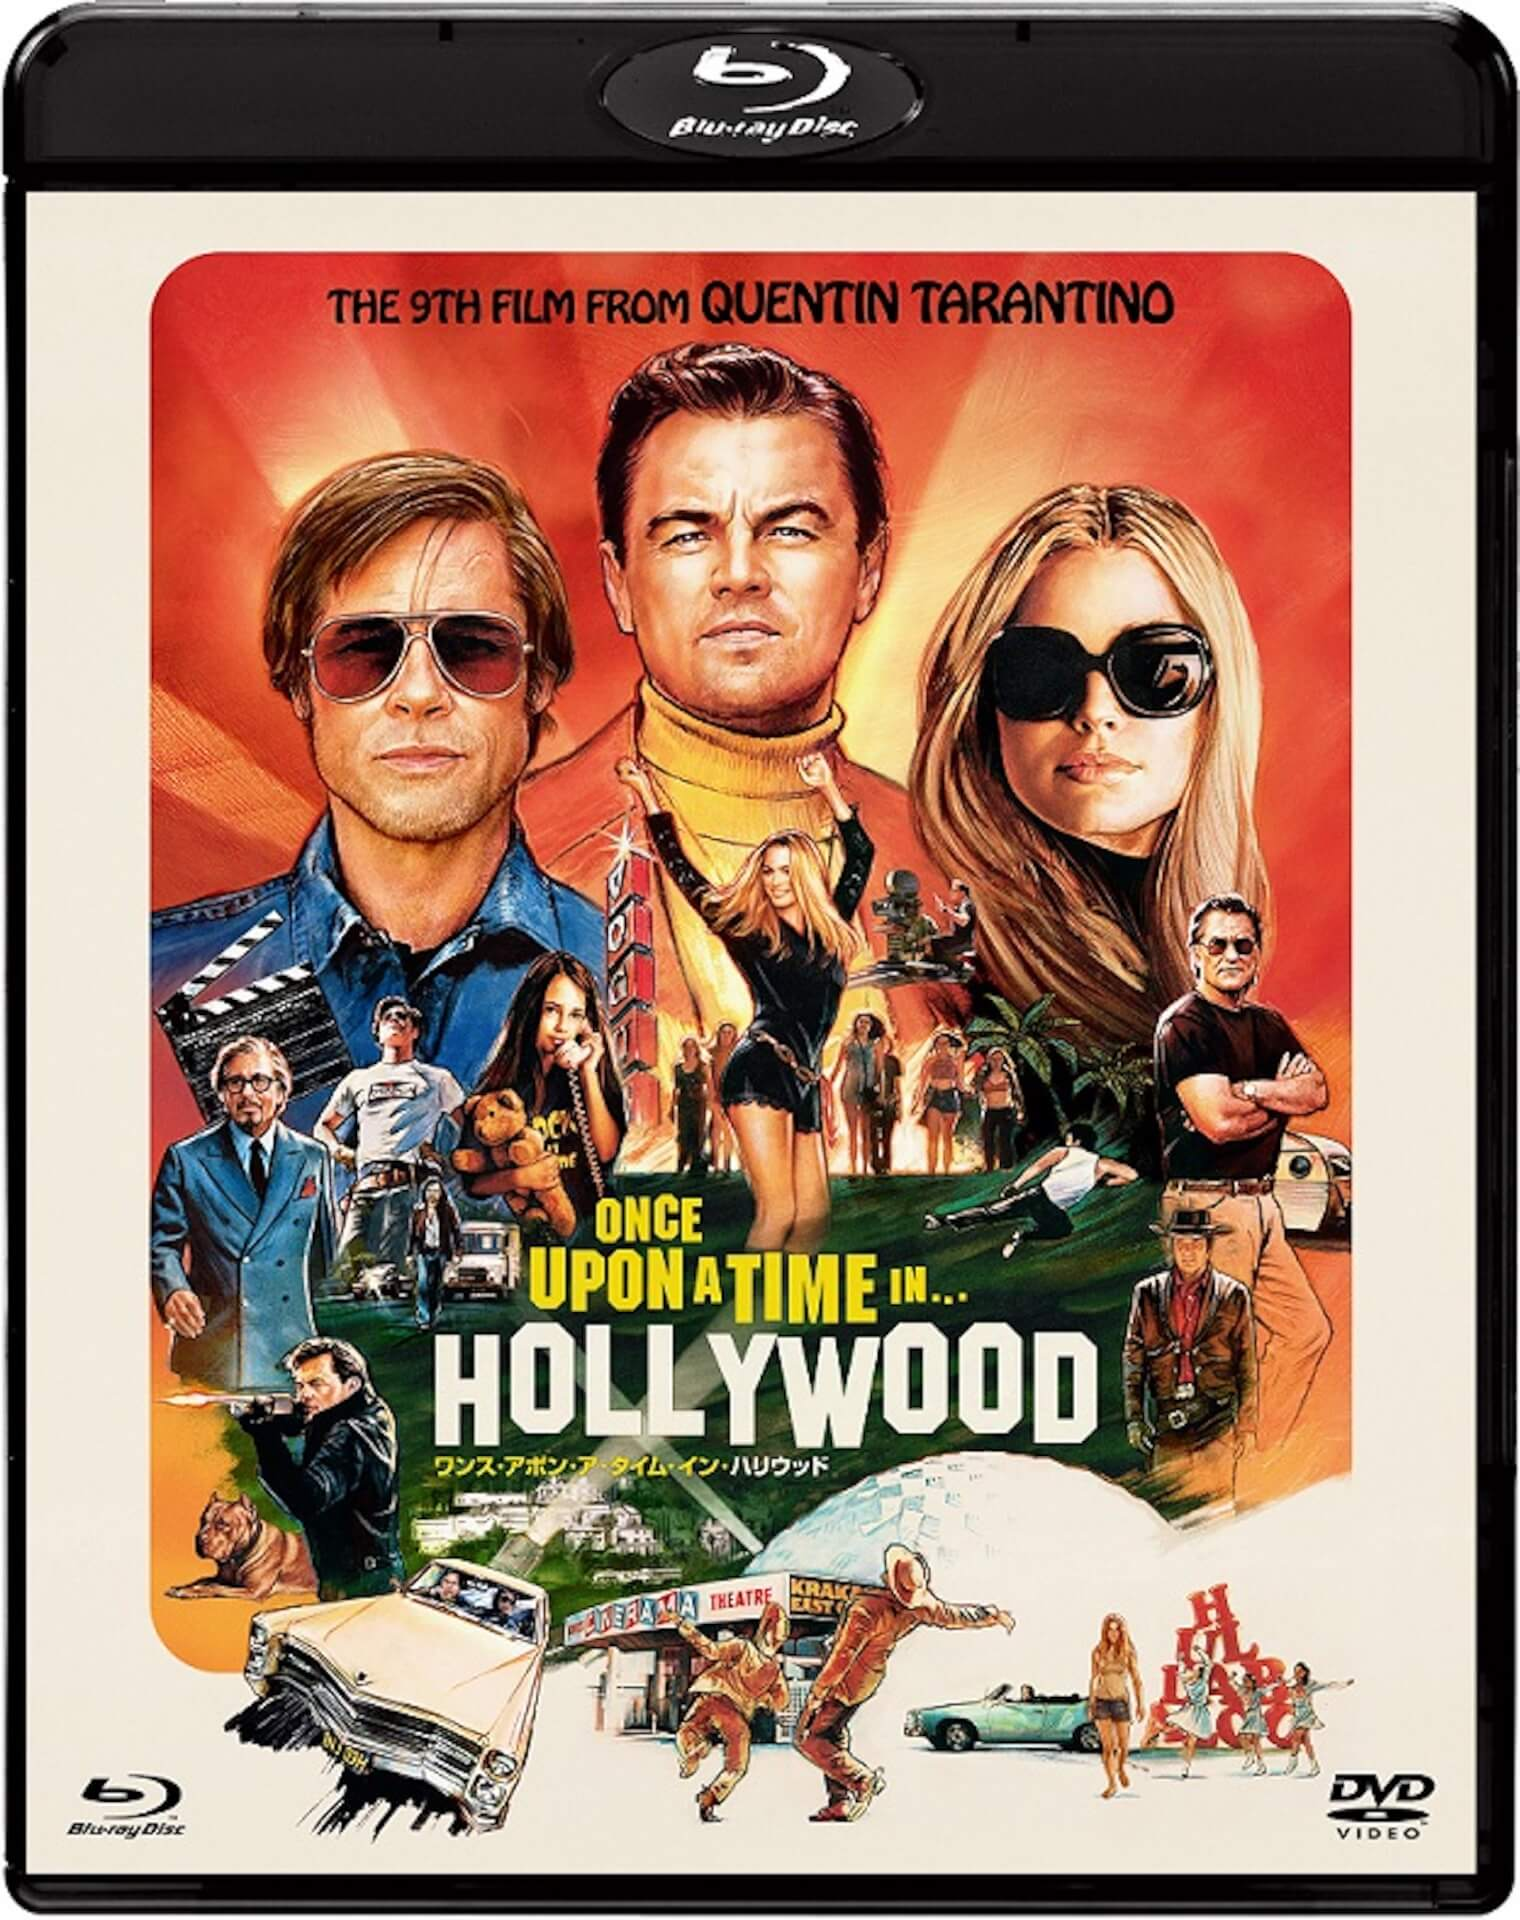 """世界中で大ヒット""""ワンハリ""""がついにブルーレイ&DVDに!『ワンス・イン・ア・タイム・イン・ハリウッド』タランティーノ監督のインタビューも公開 film_191129_onceuponatime_1"""